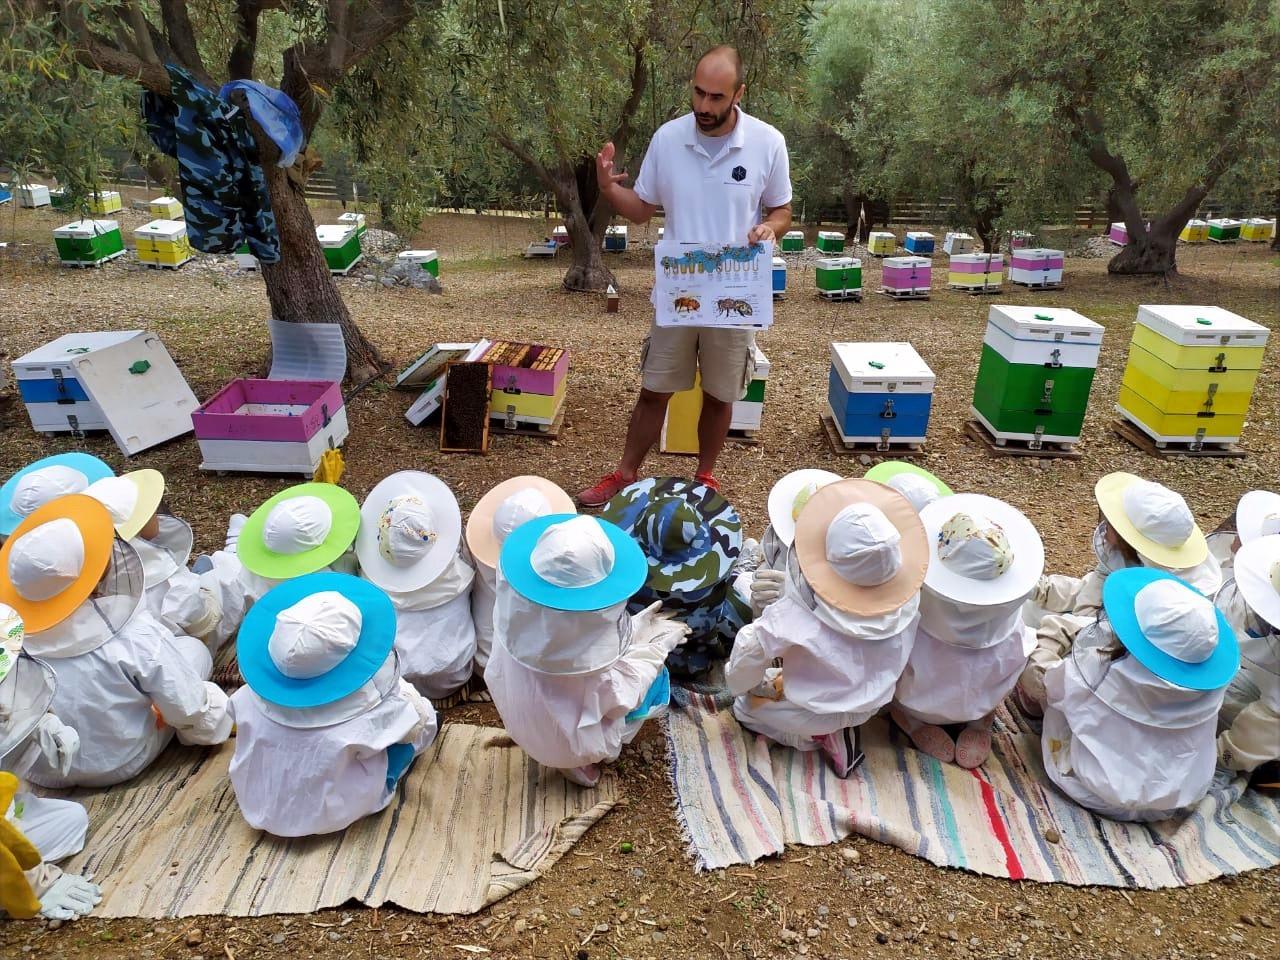 Τα παιδιά είναι το μέλλον. Σώστε τις μέλισσες!